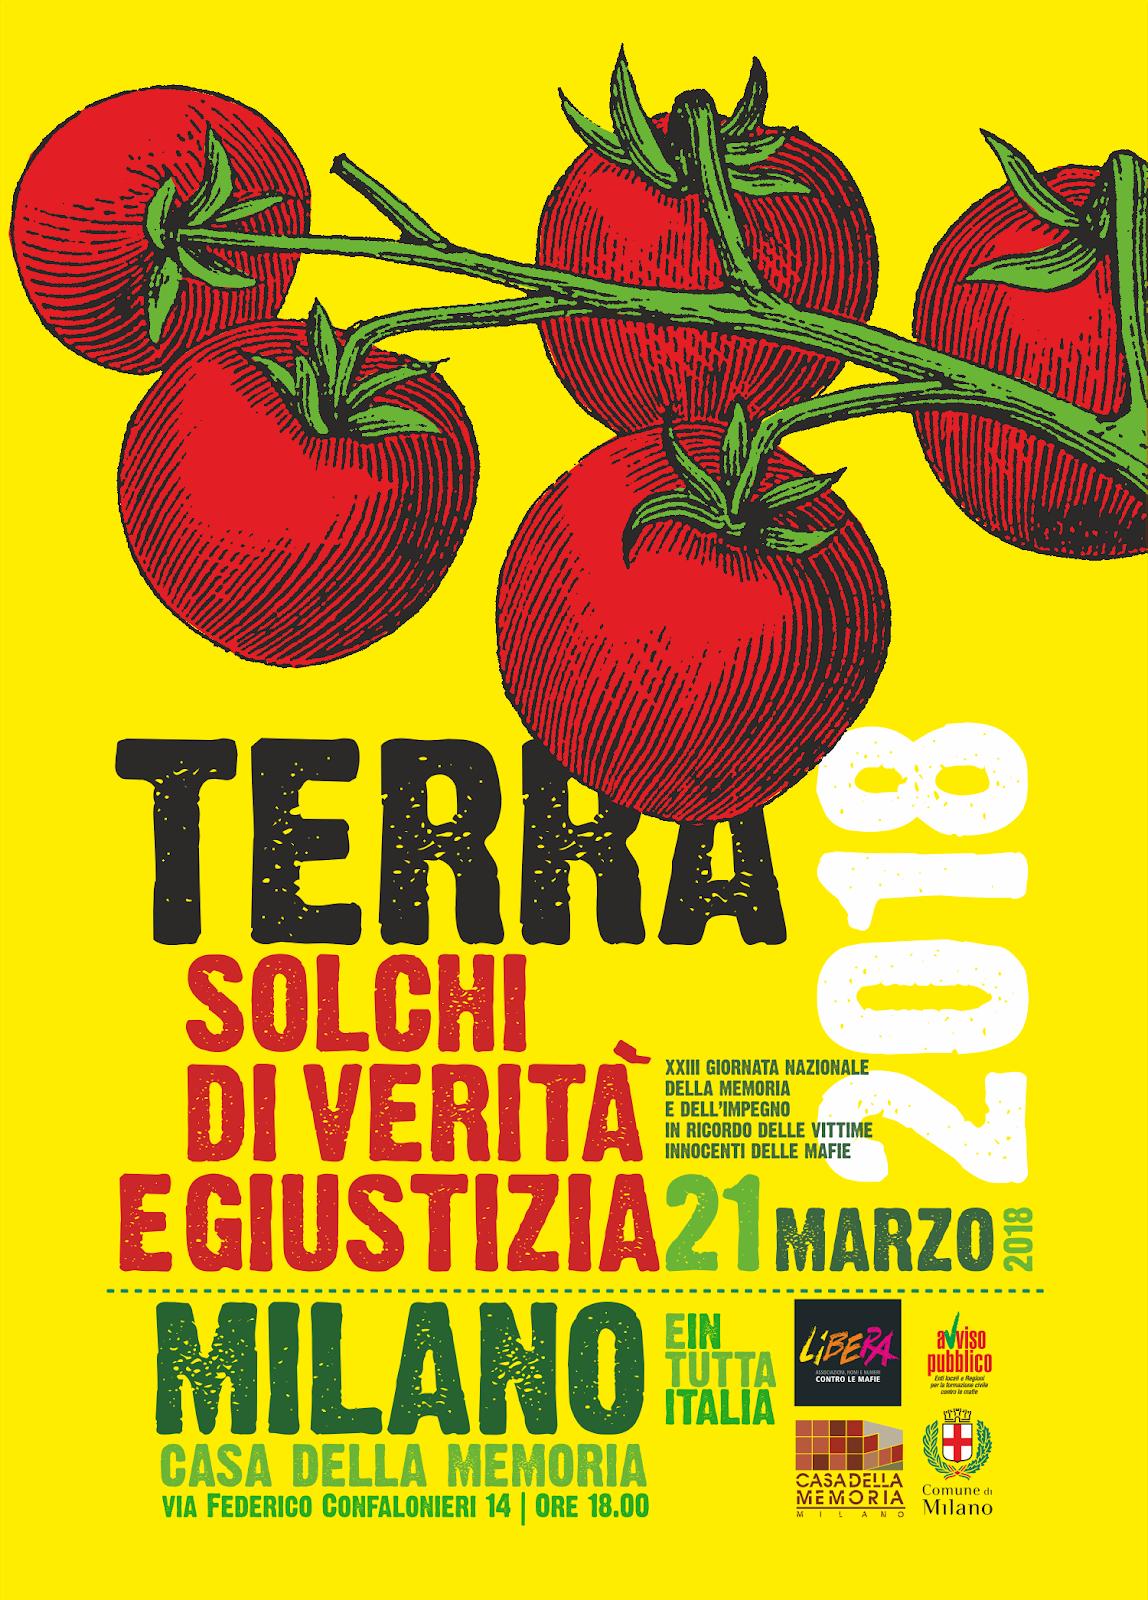 21 marzo - Milano